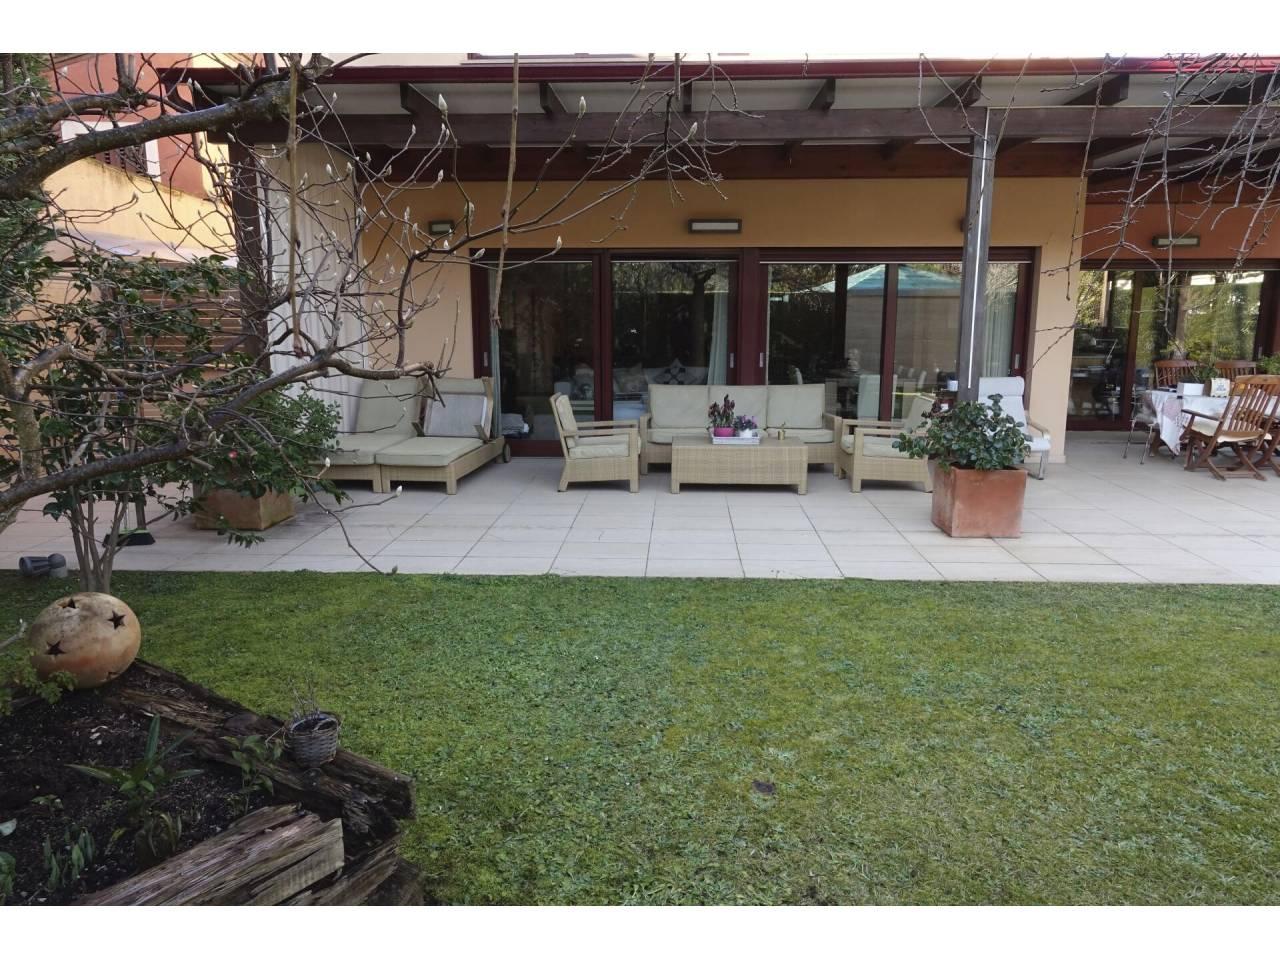 Casa unifamiliar en venta en Cardedeu